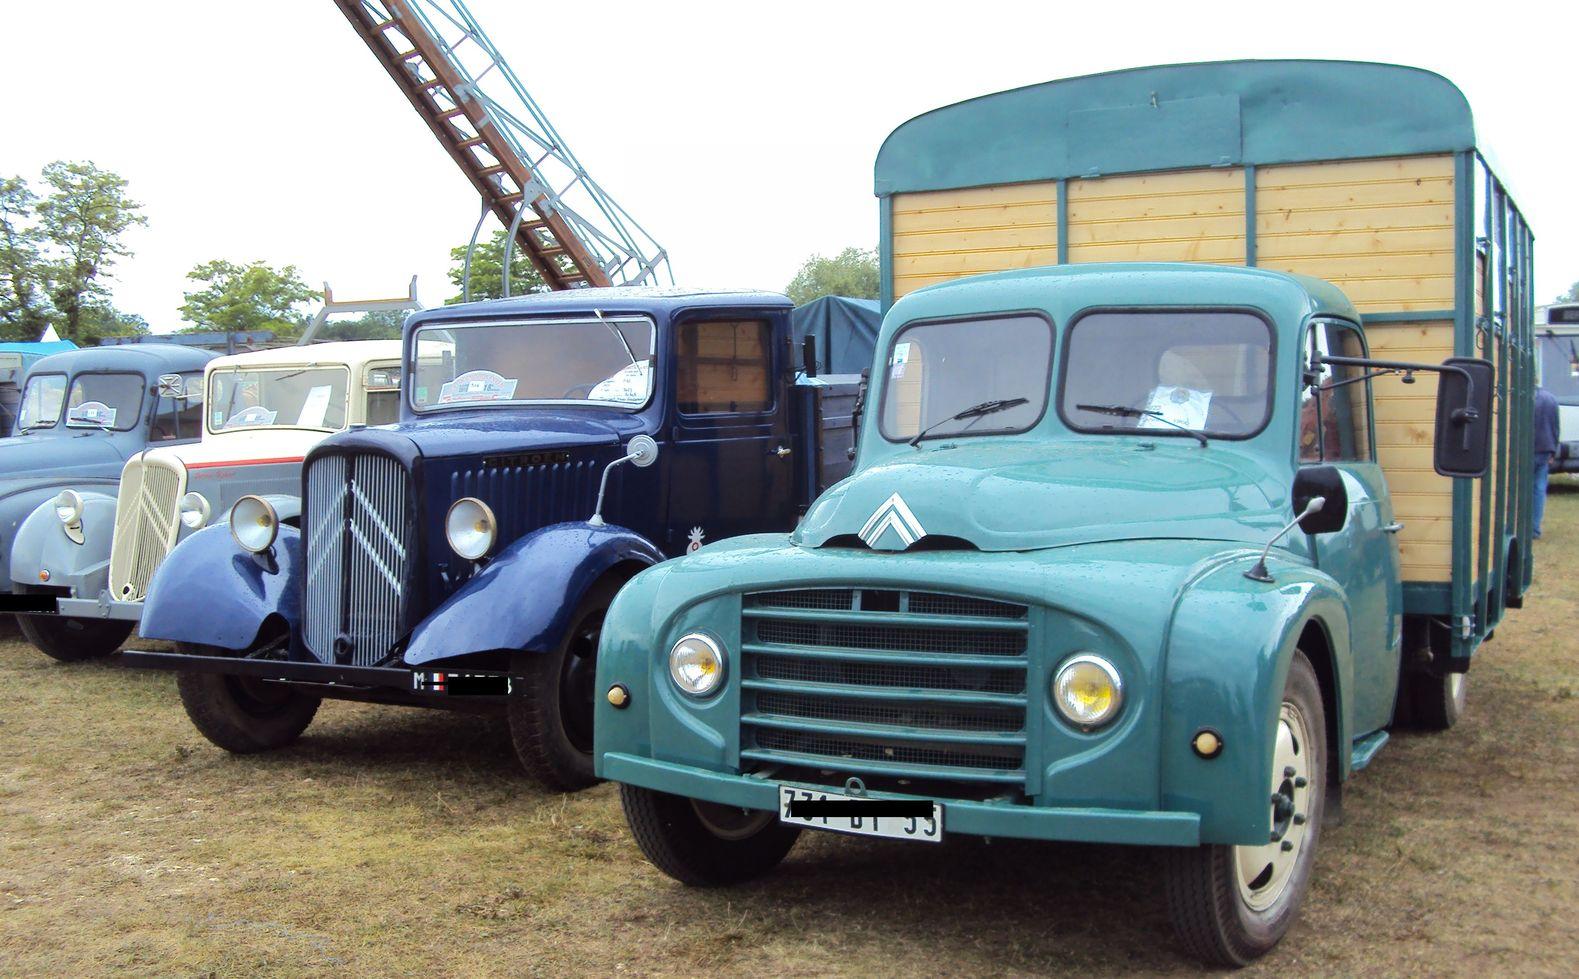 citroen camions france 0014 utilitaire camionette de livraison citro n france. Black Bedroom Furniture Sets. Home Design Ideas